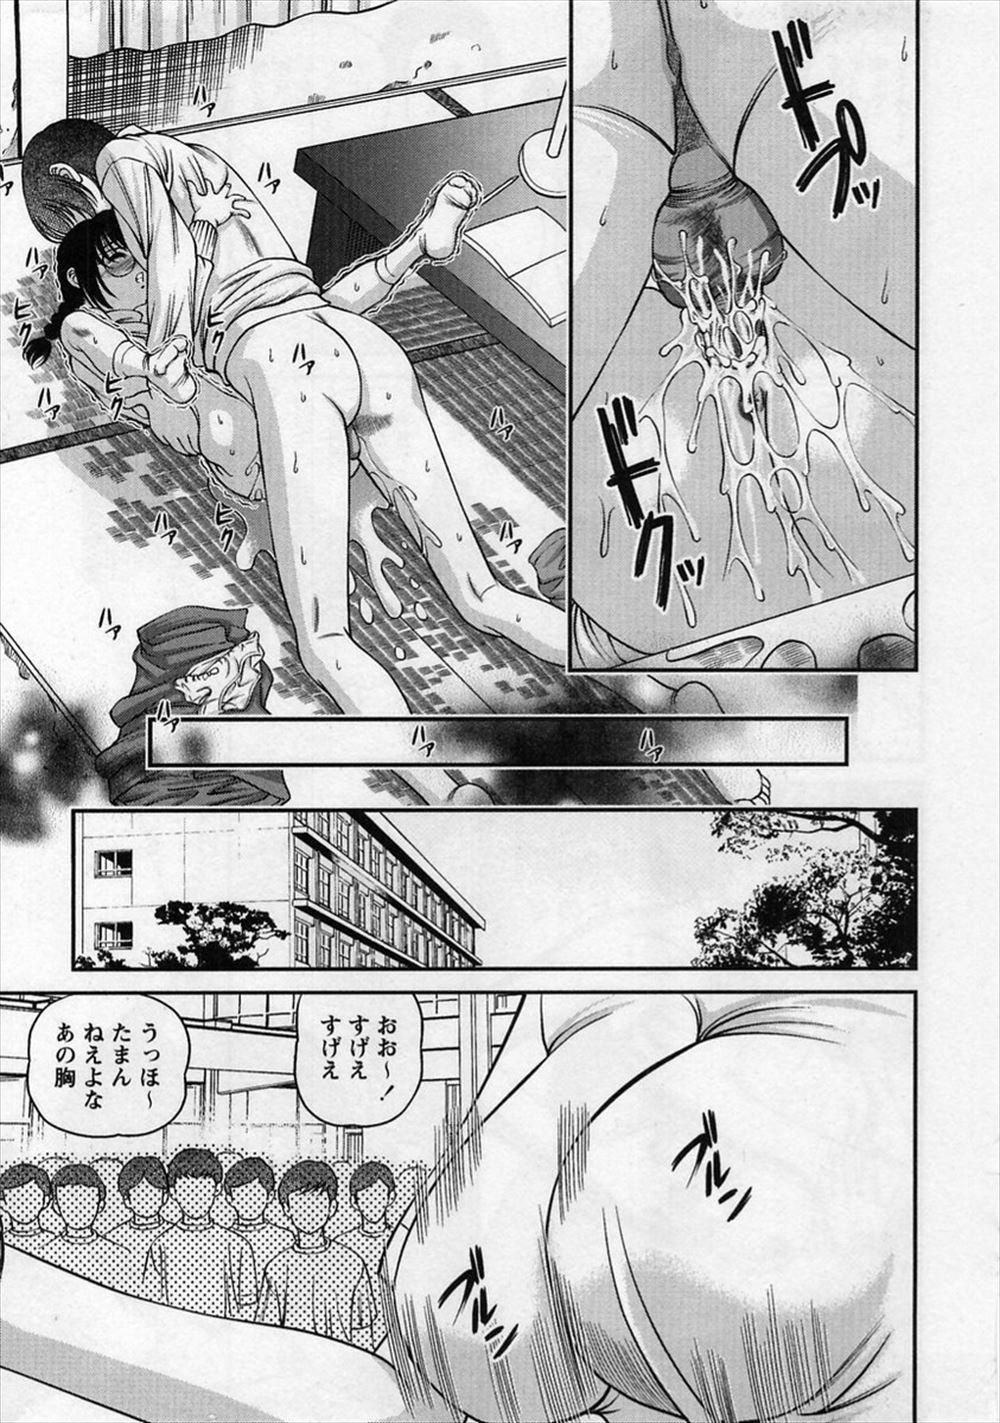 【エロ漫画同人誌】お向かいさんの低身長で巨乳女子校生の宮森さんと夜一緒に勉強してたら隣の部屋の人がセックスしだして…w 019